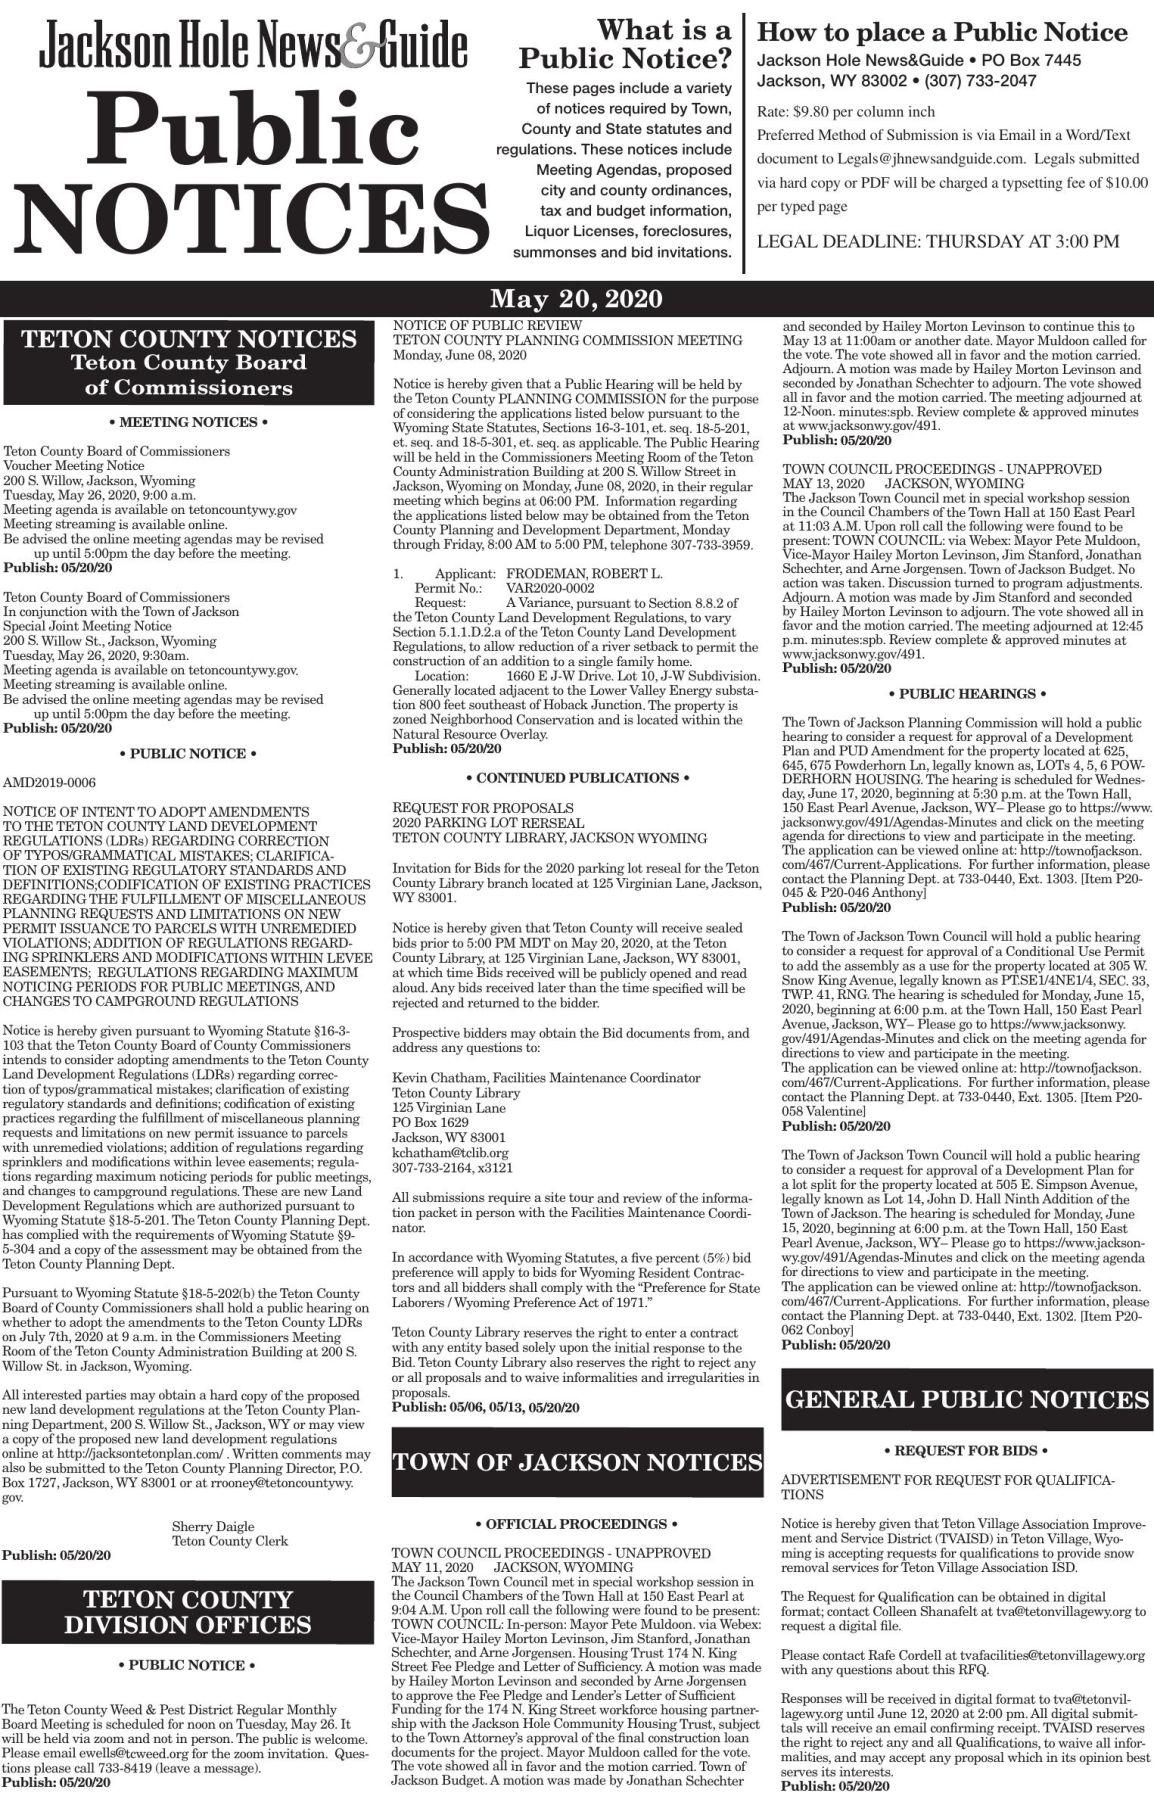 Public Notices, May 20, 2020